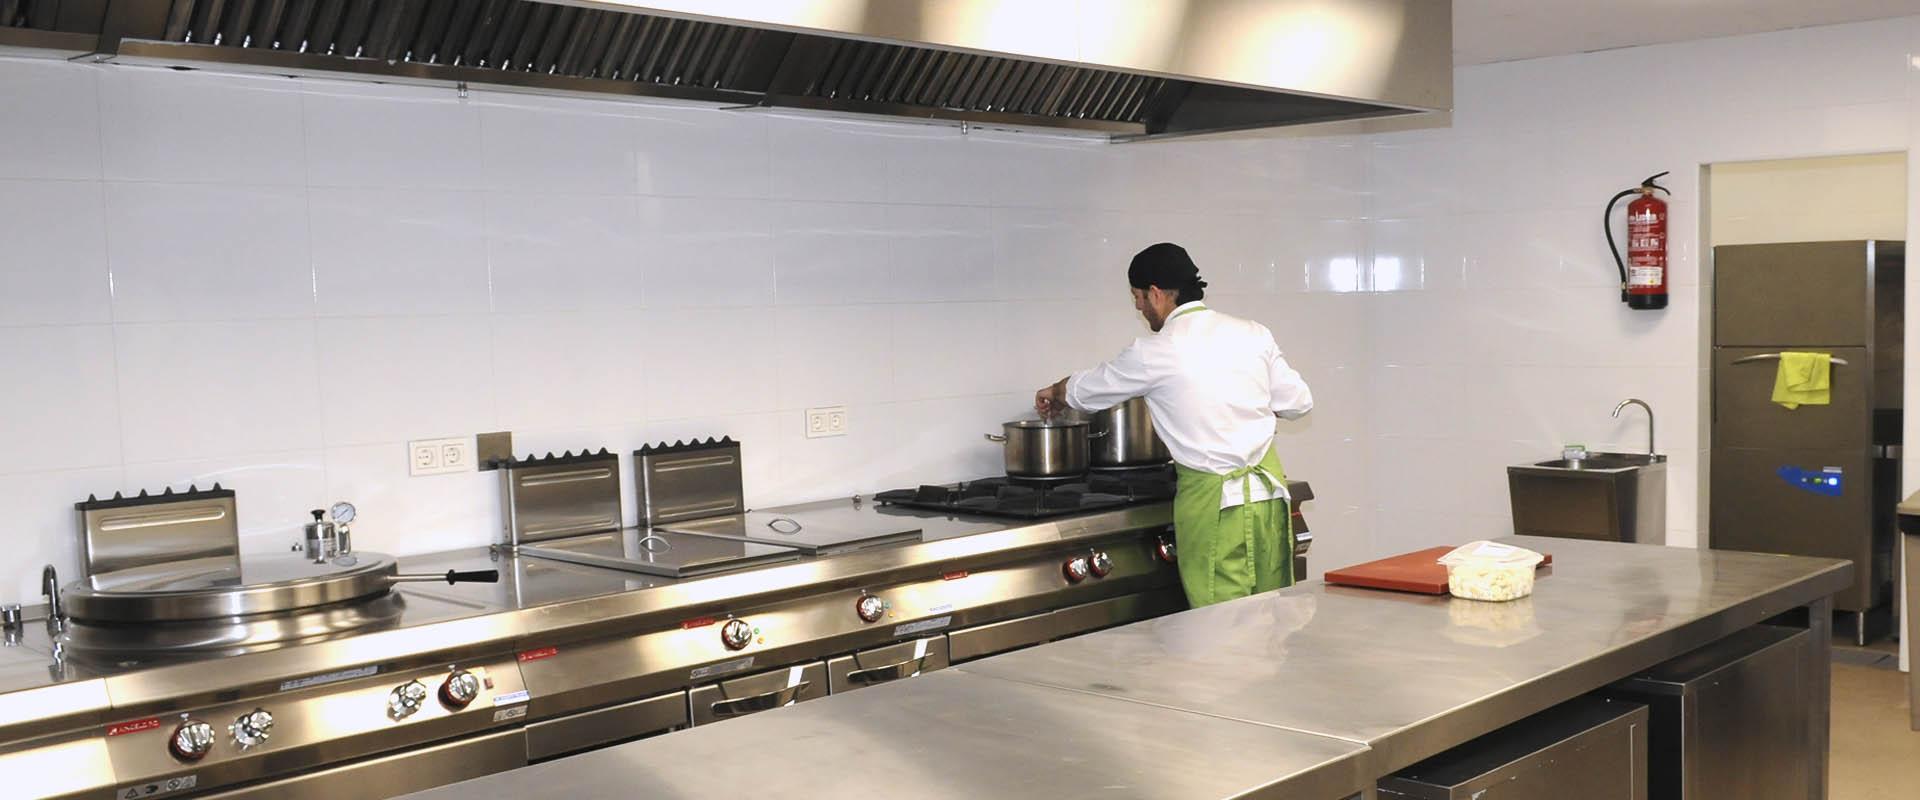 cocina3-1920x800